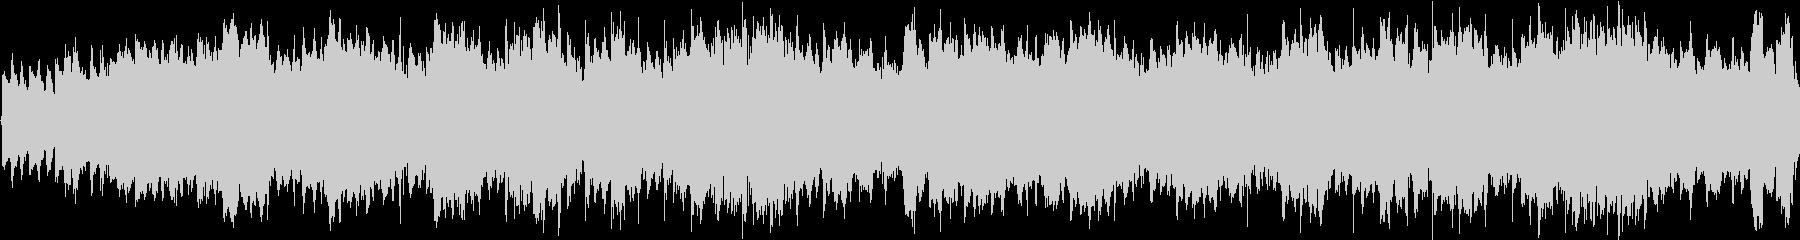 ワルツのリズムが怪しげなホラーなループ曲の未再生の波形